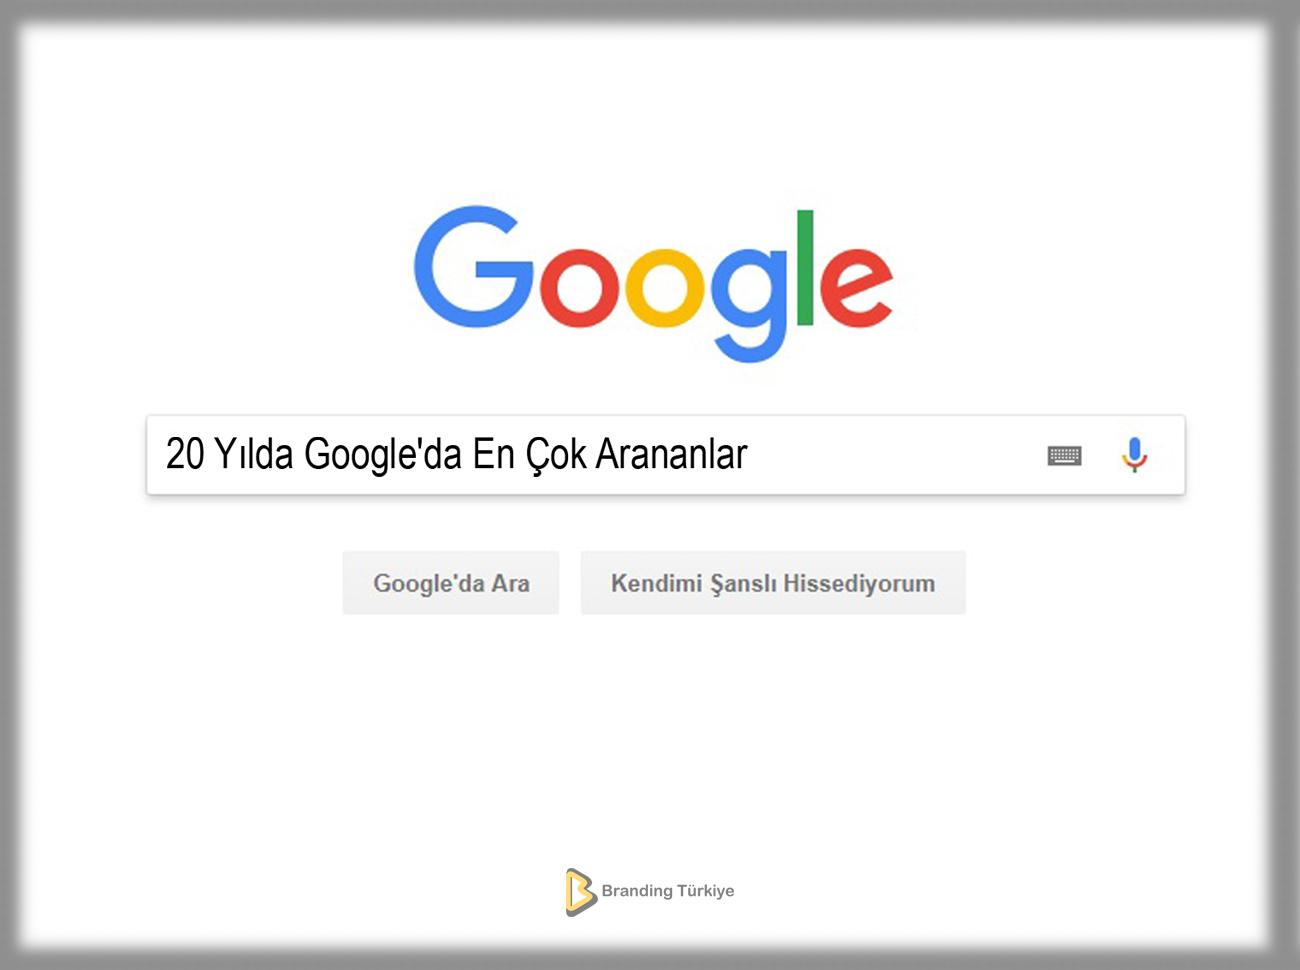 20 Yılda Google'da En Çok Arananlar